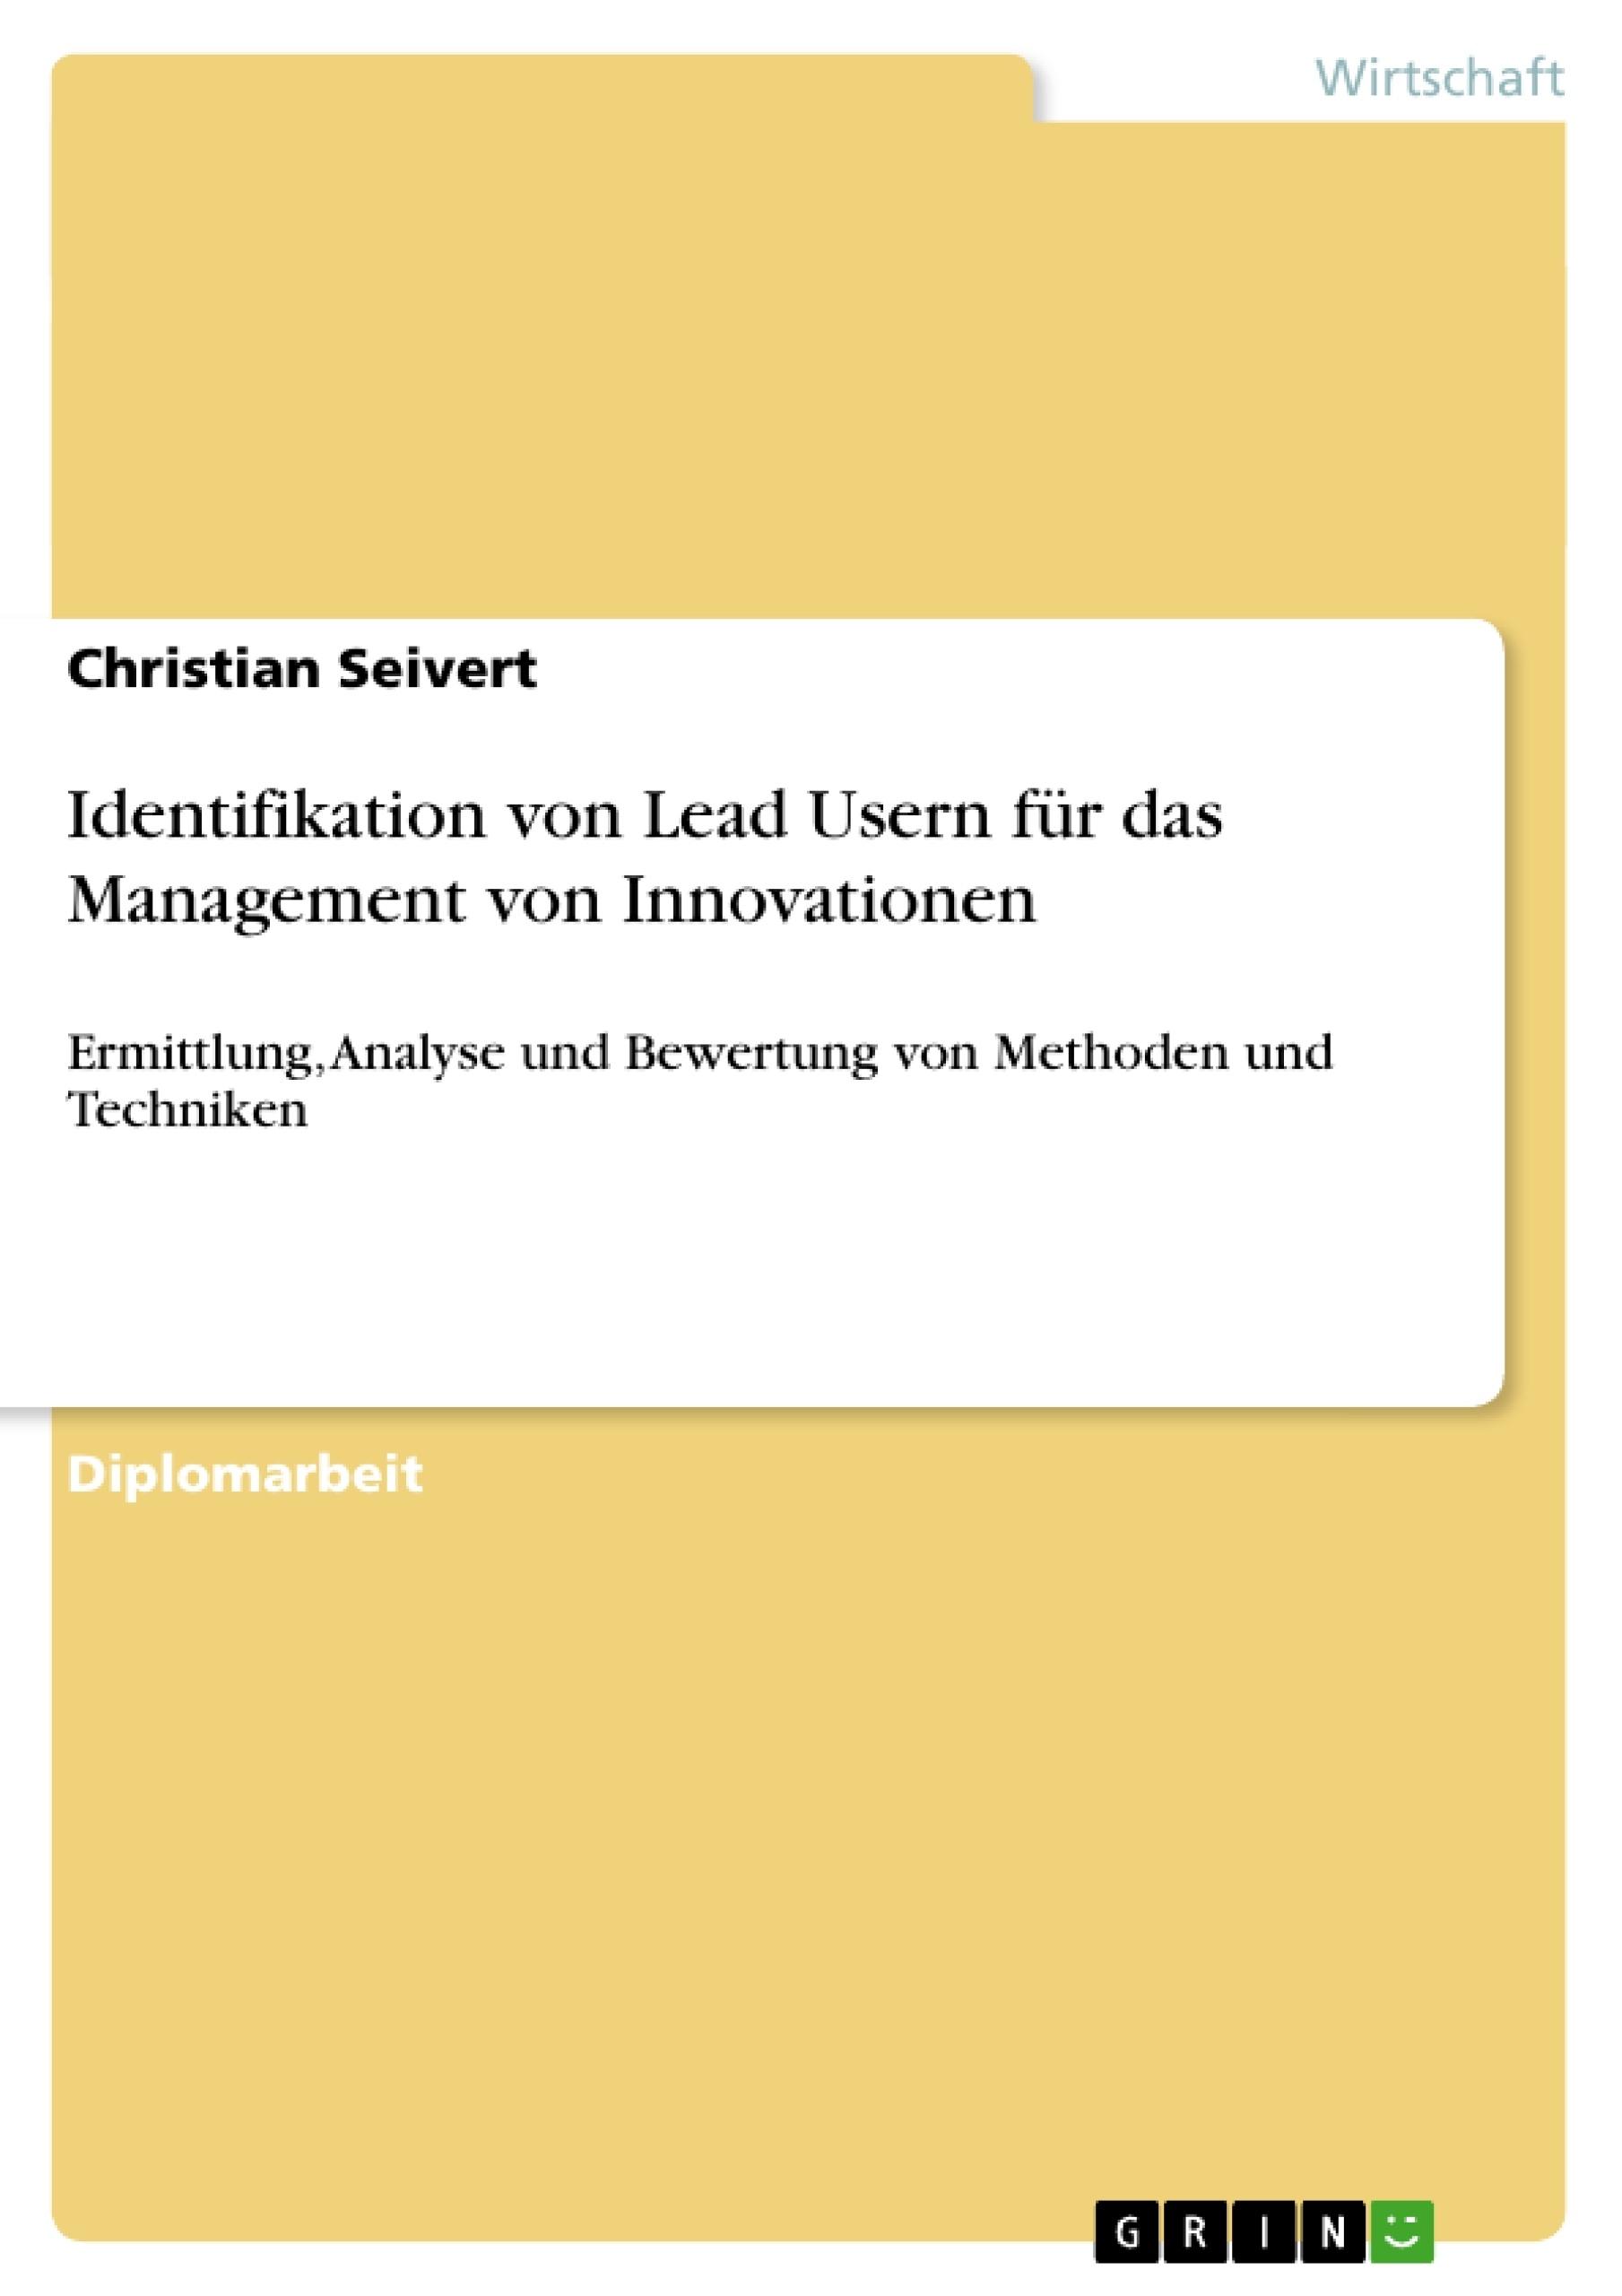 Titel: Identifikation von Lead Usern für das Management von Innovationen